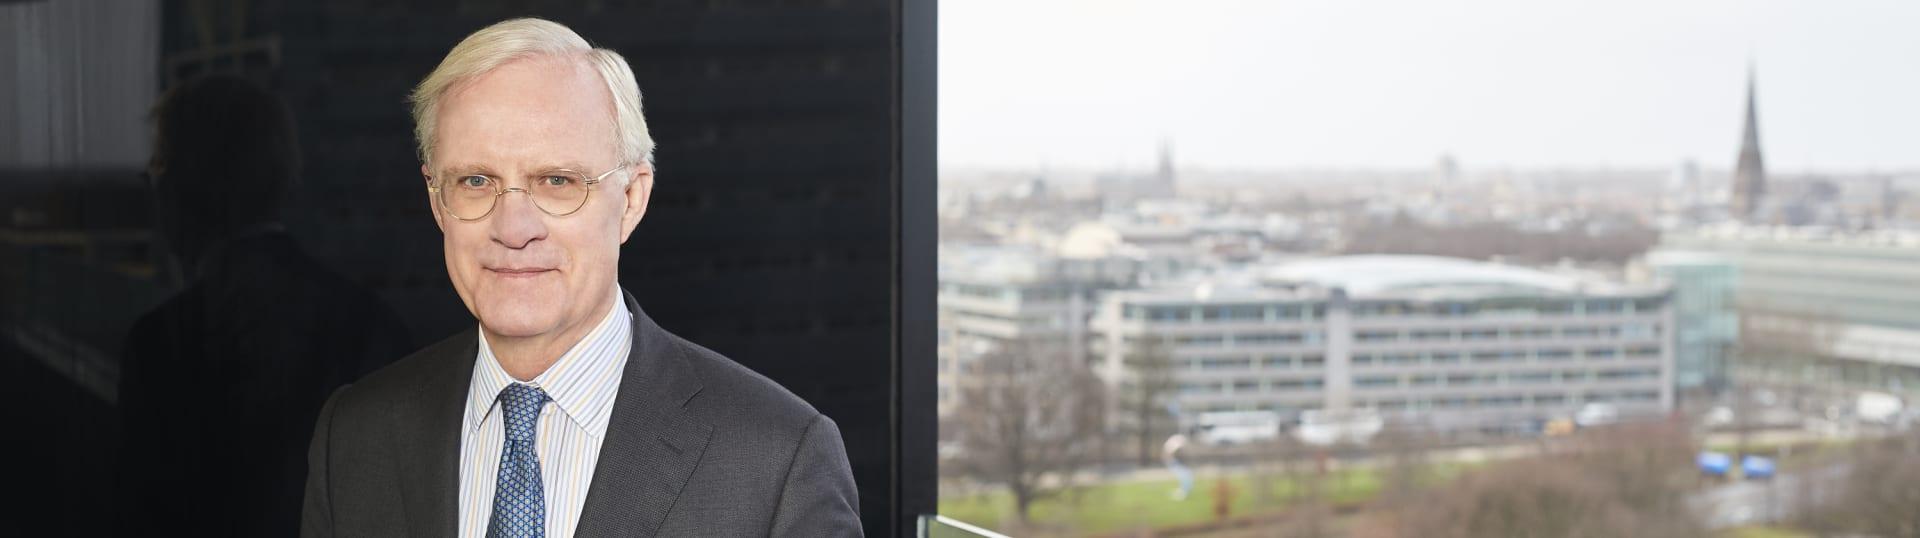 Arie Tervoort, advocaat - of counsel Pels Rijcken